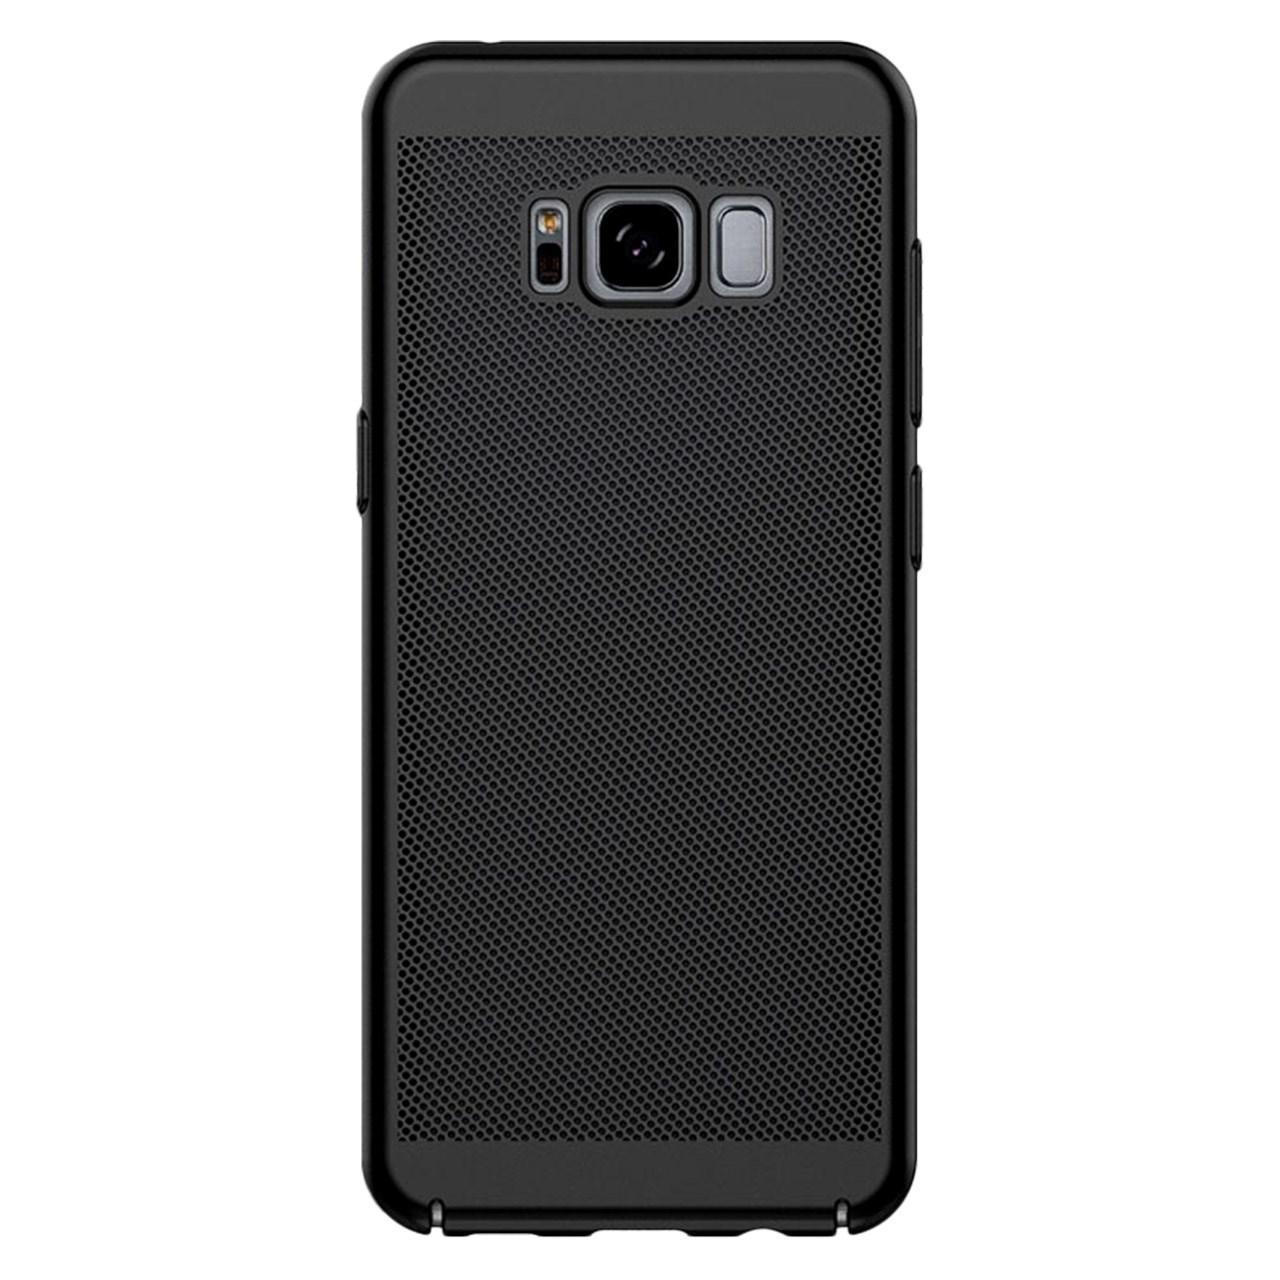 کاور مدل Hard Mesh مناسب برای گوشی موبایل سامسونگ Galaxy S8 Plus